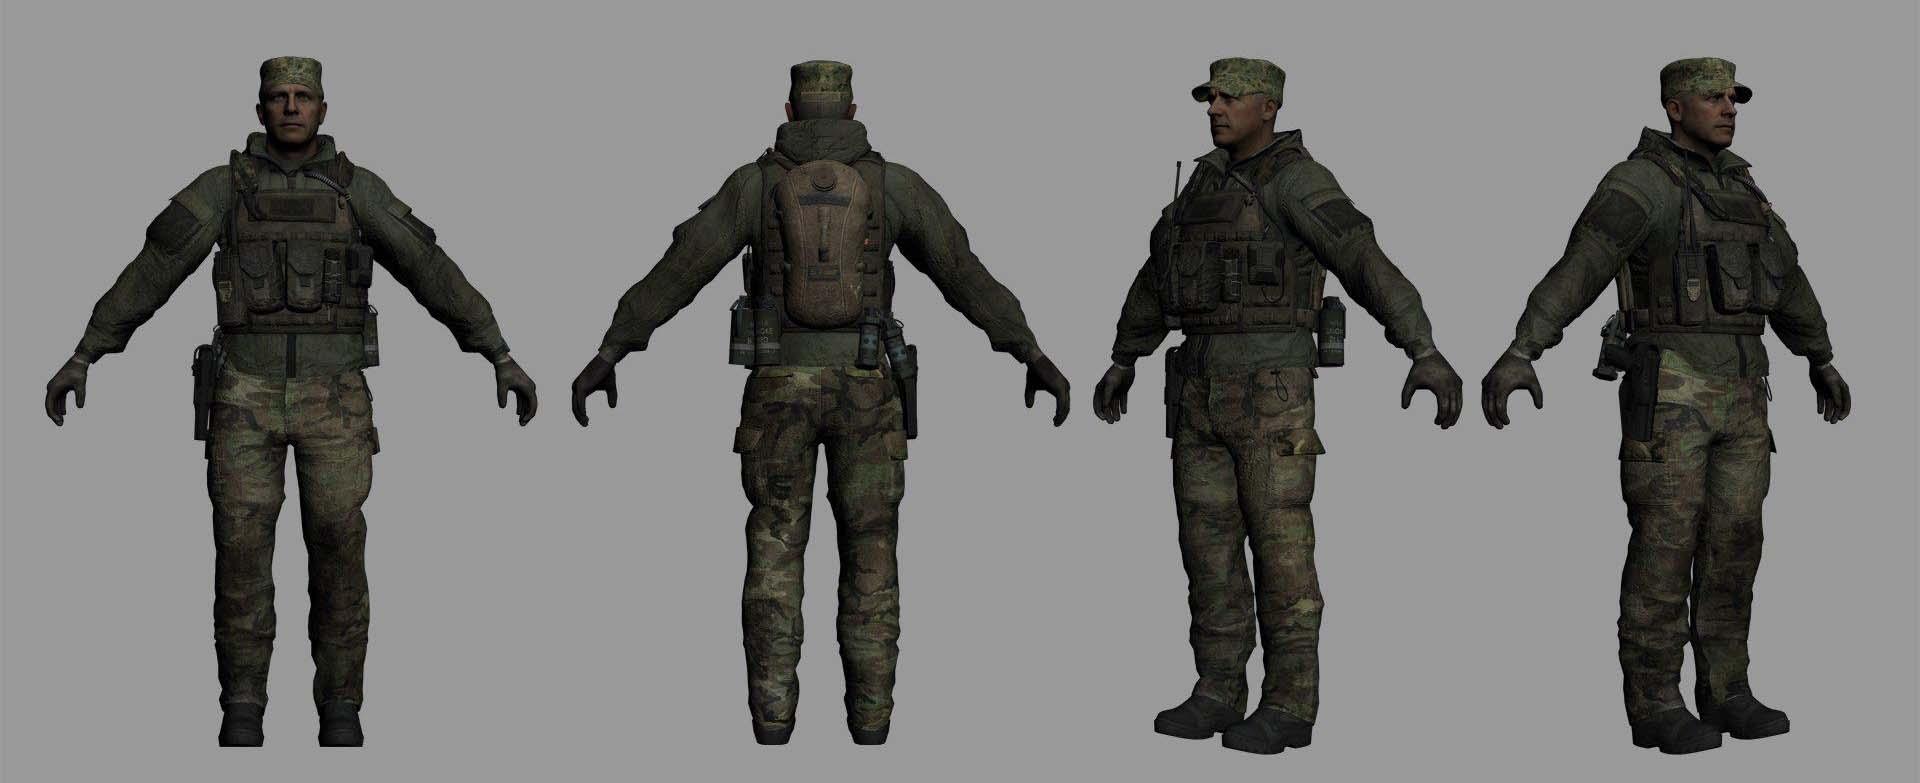 Elias Assault 3 Pack 3d Models